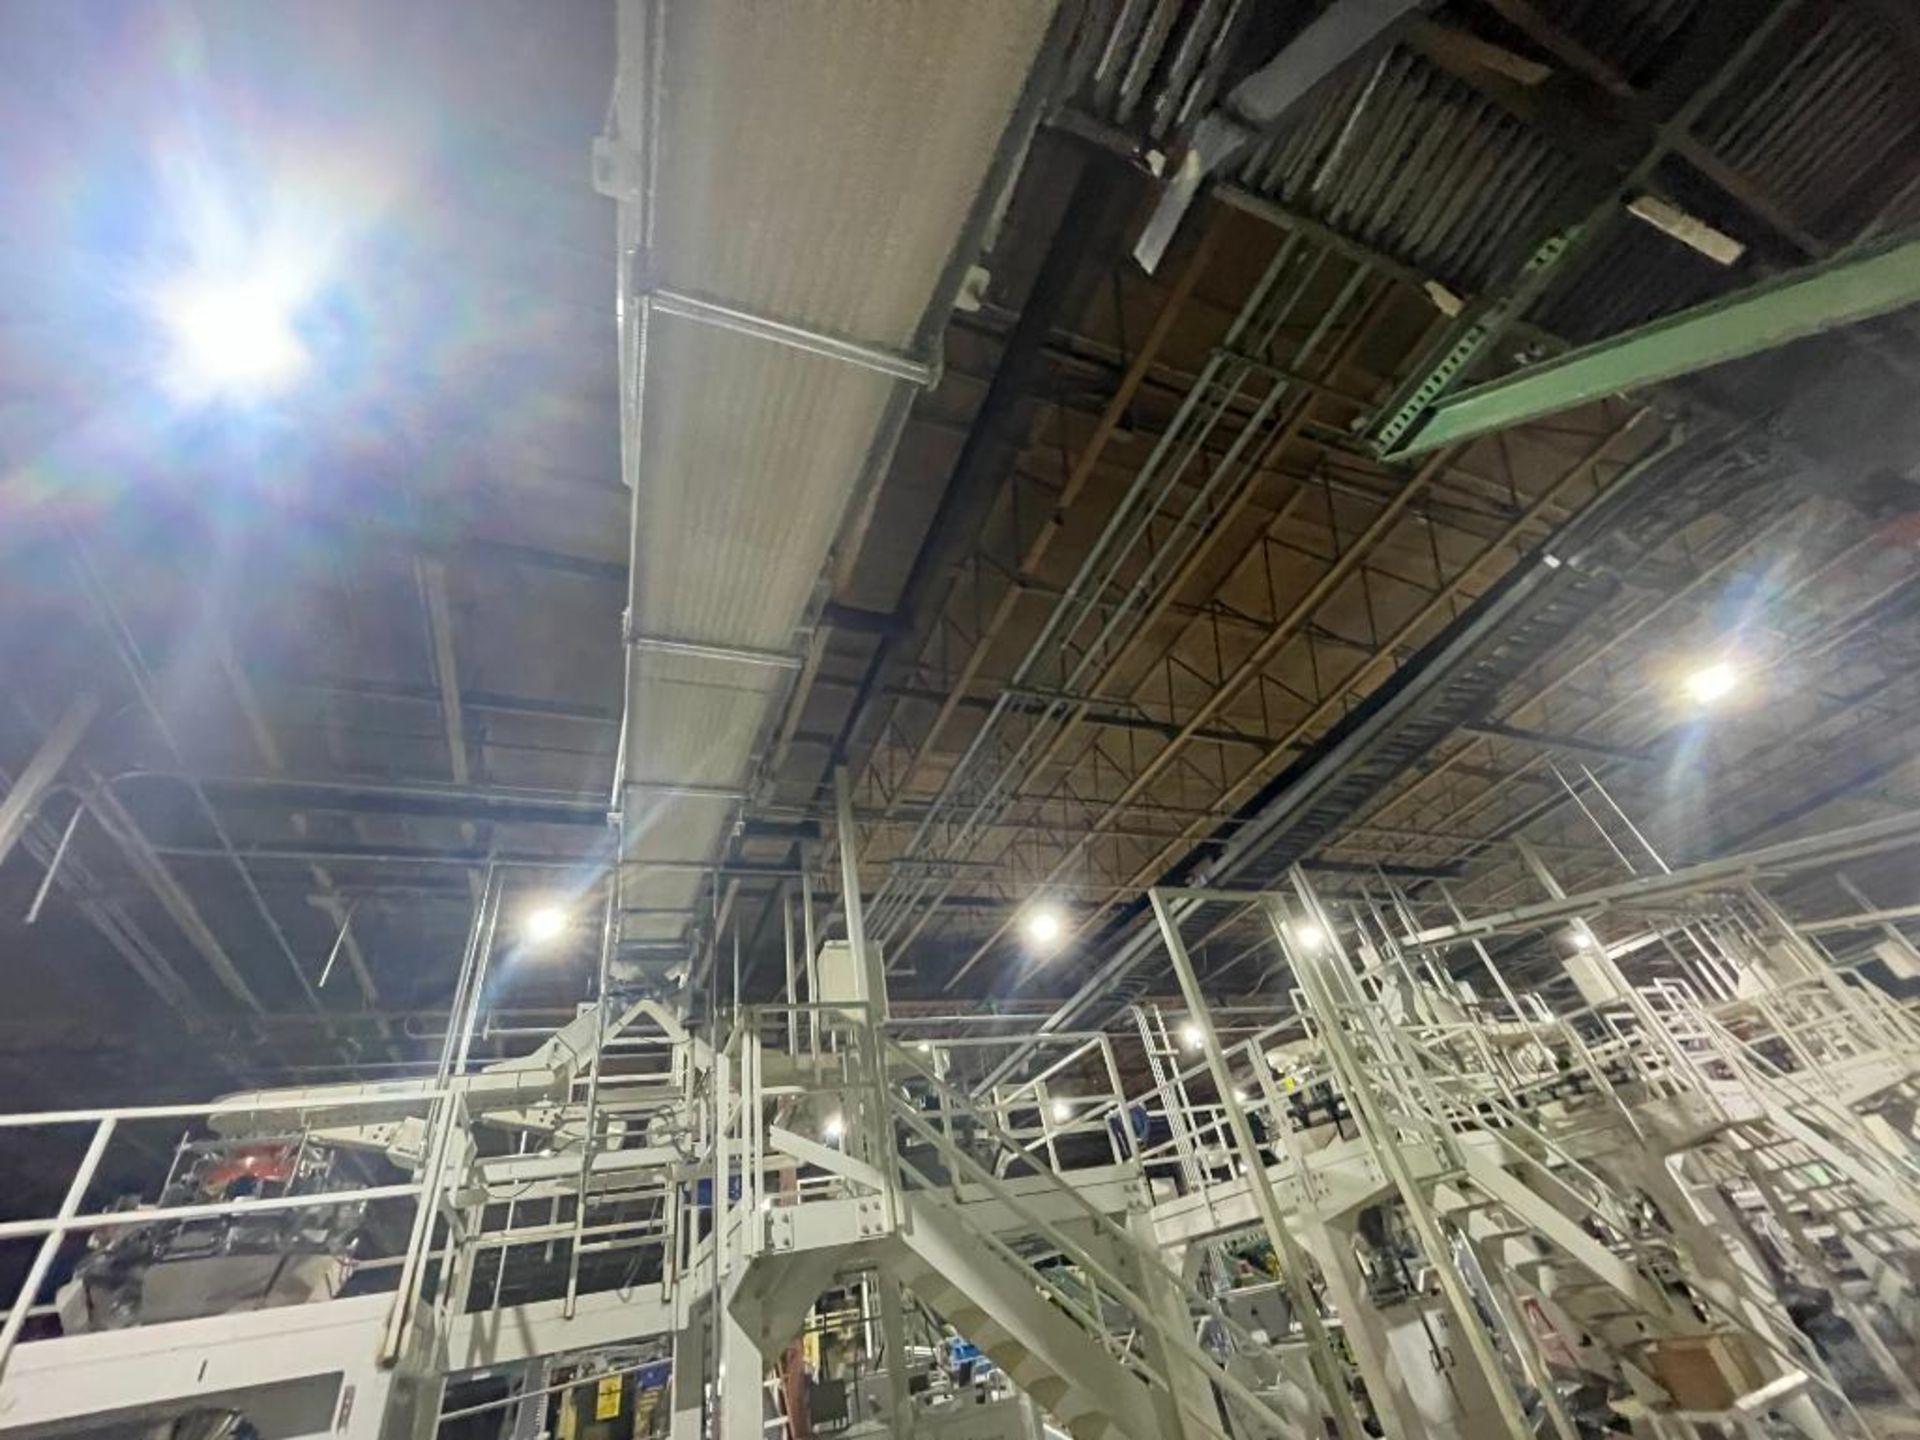 mild steel overhead belt conveyor - Image 3 of 12